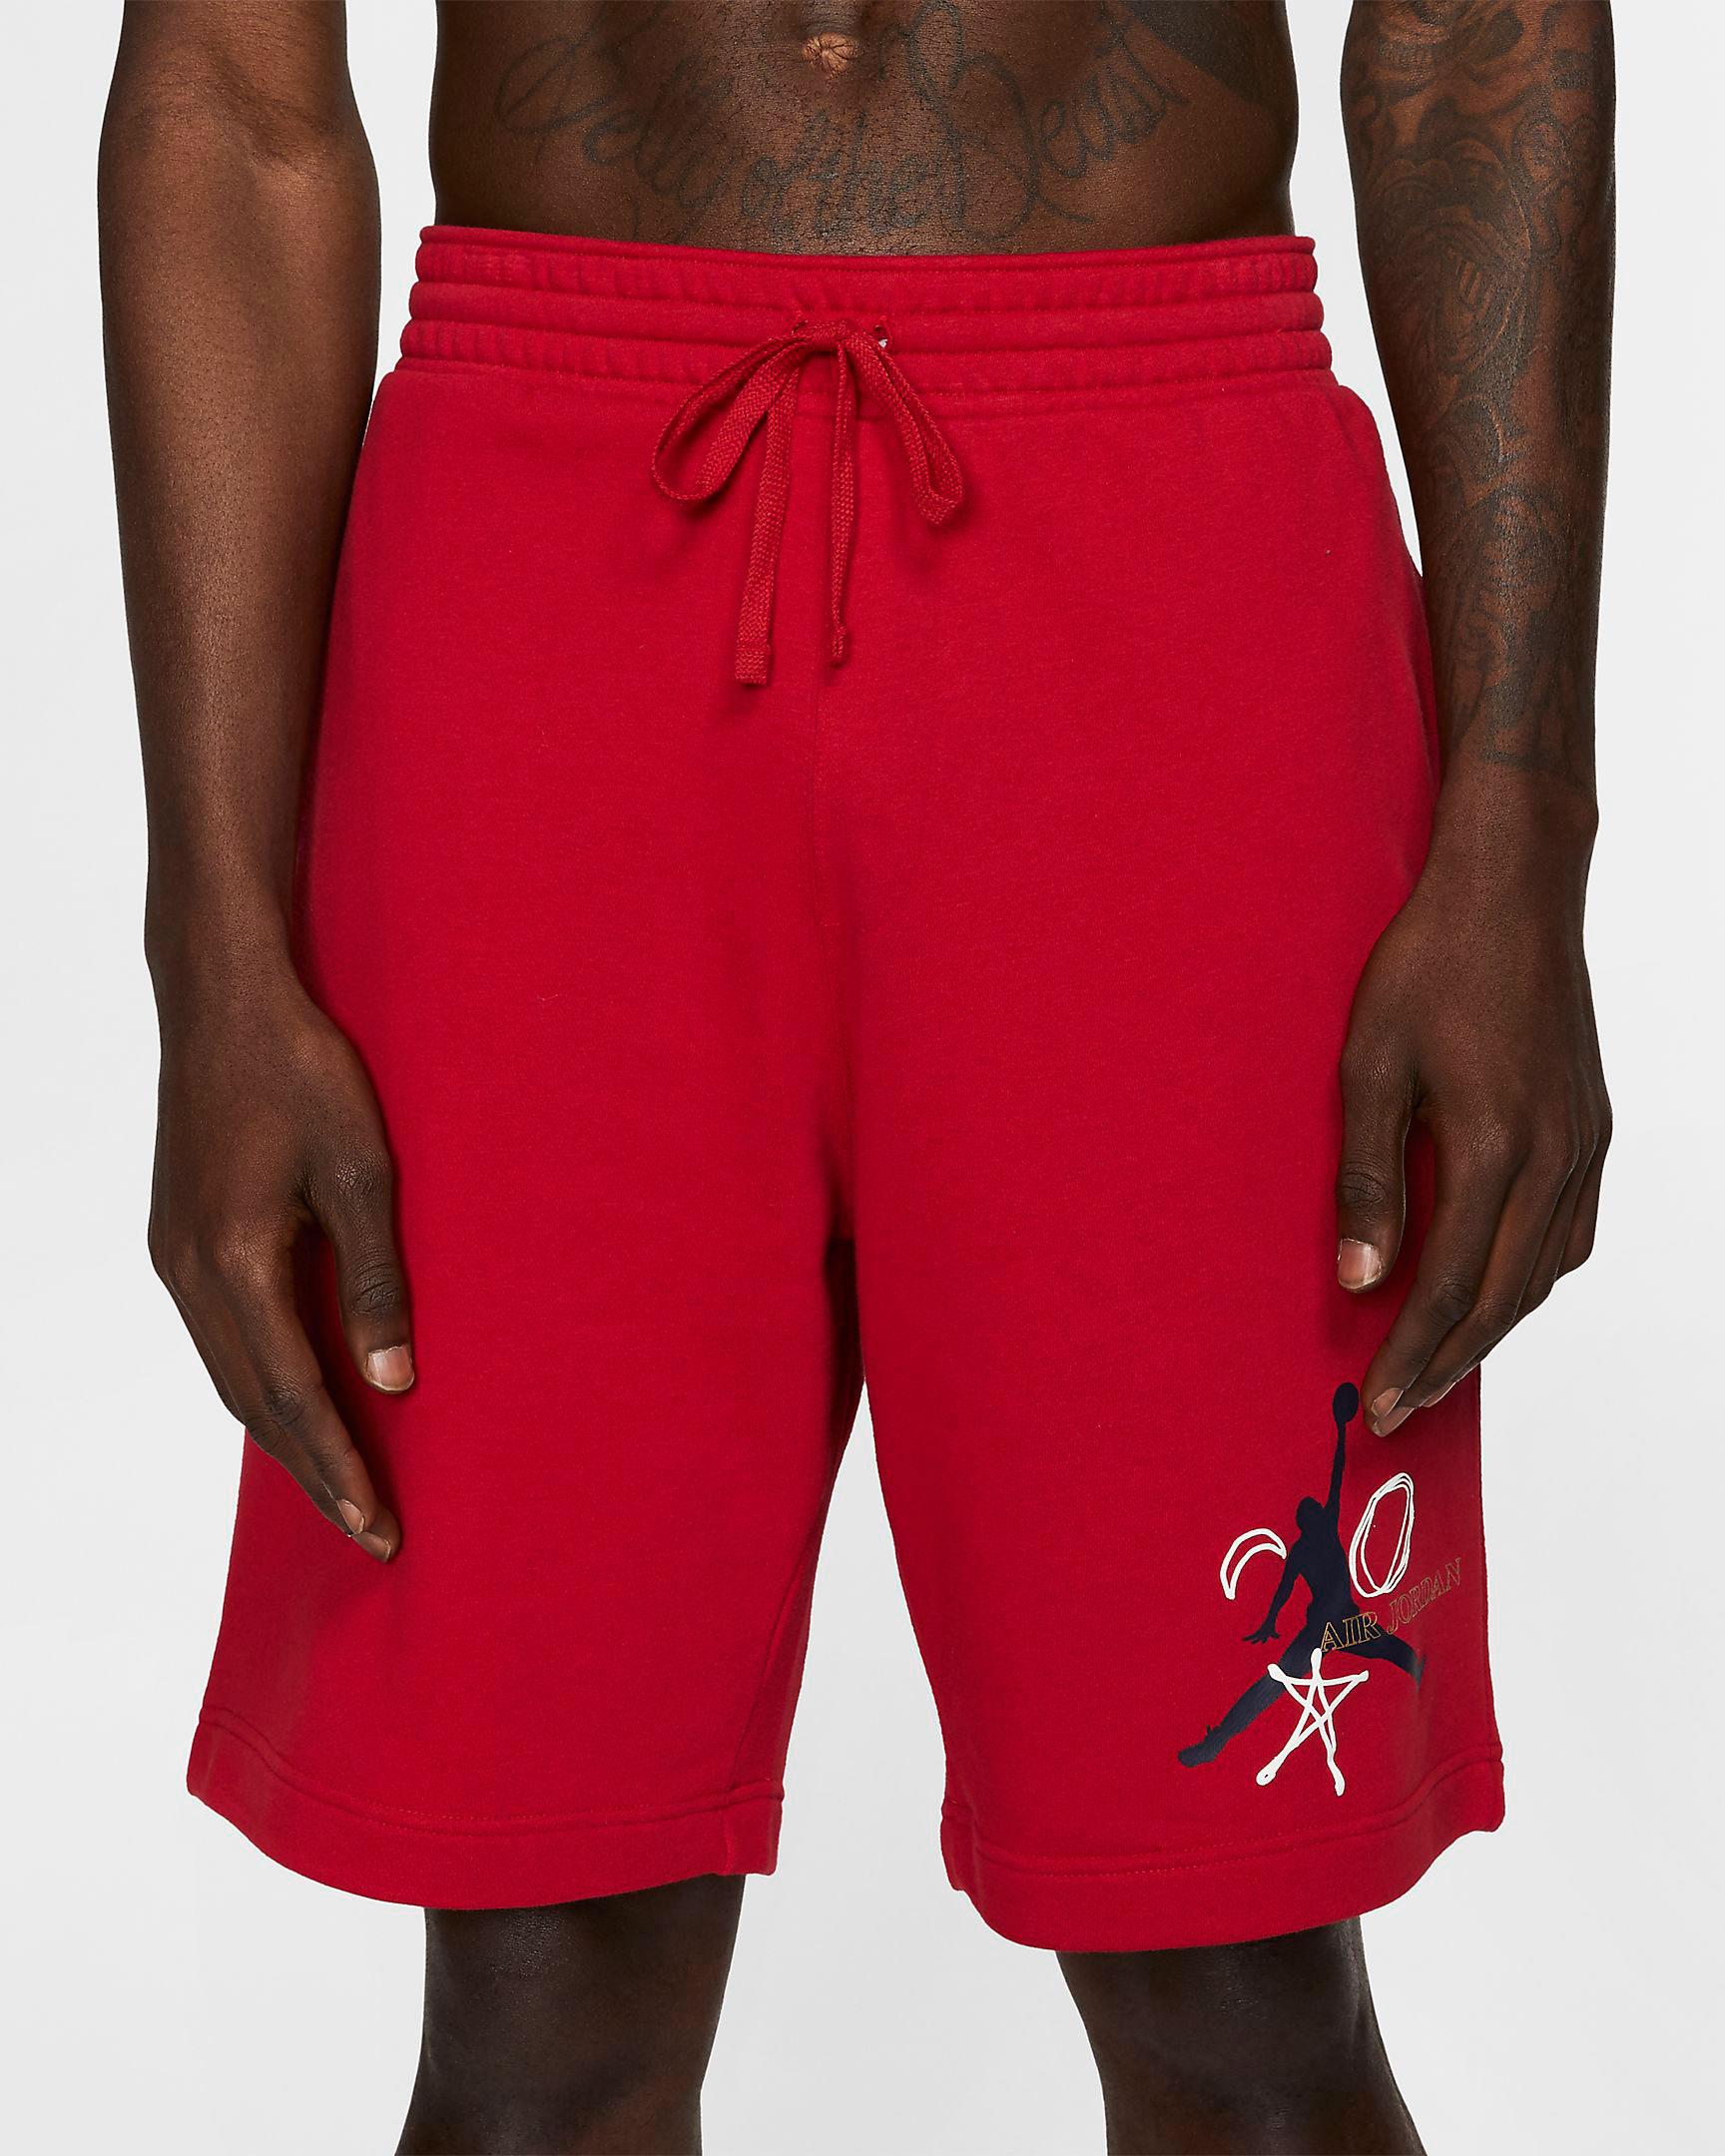 fiba-jordan-4-shorts-1